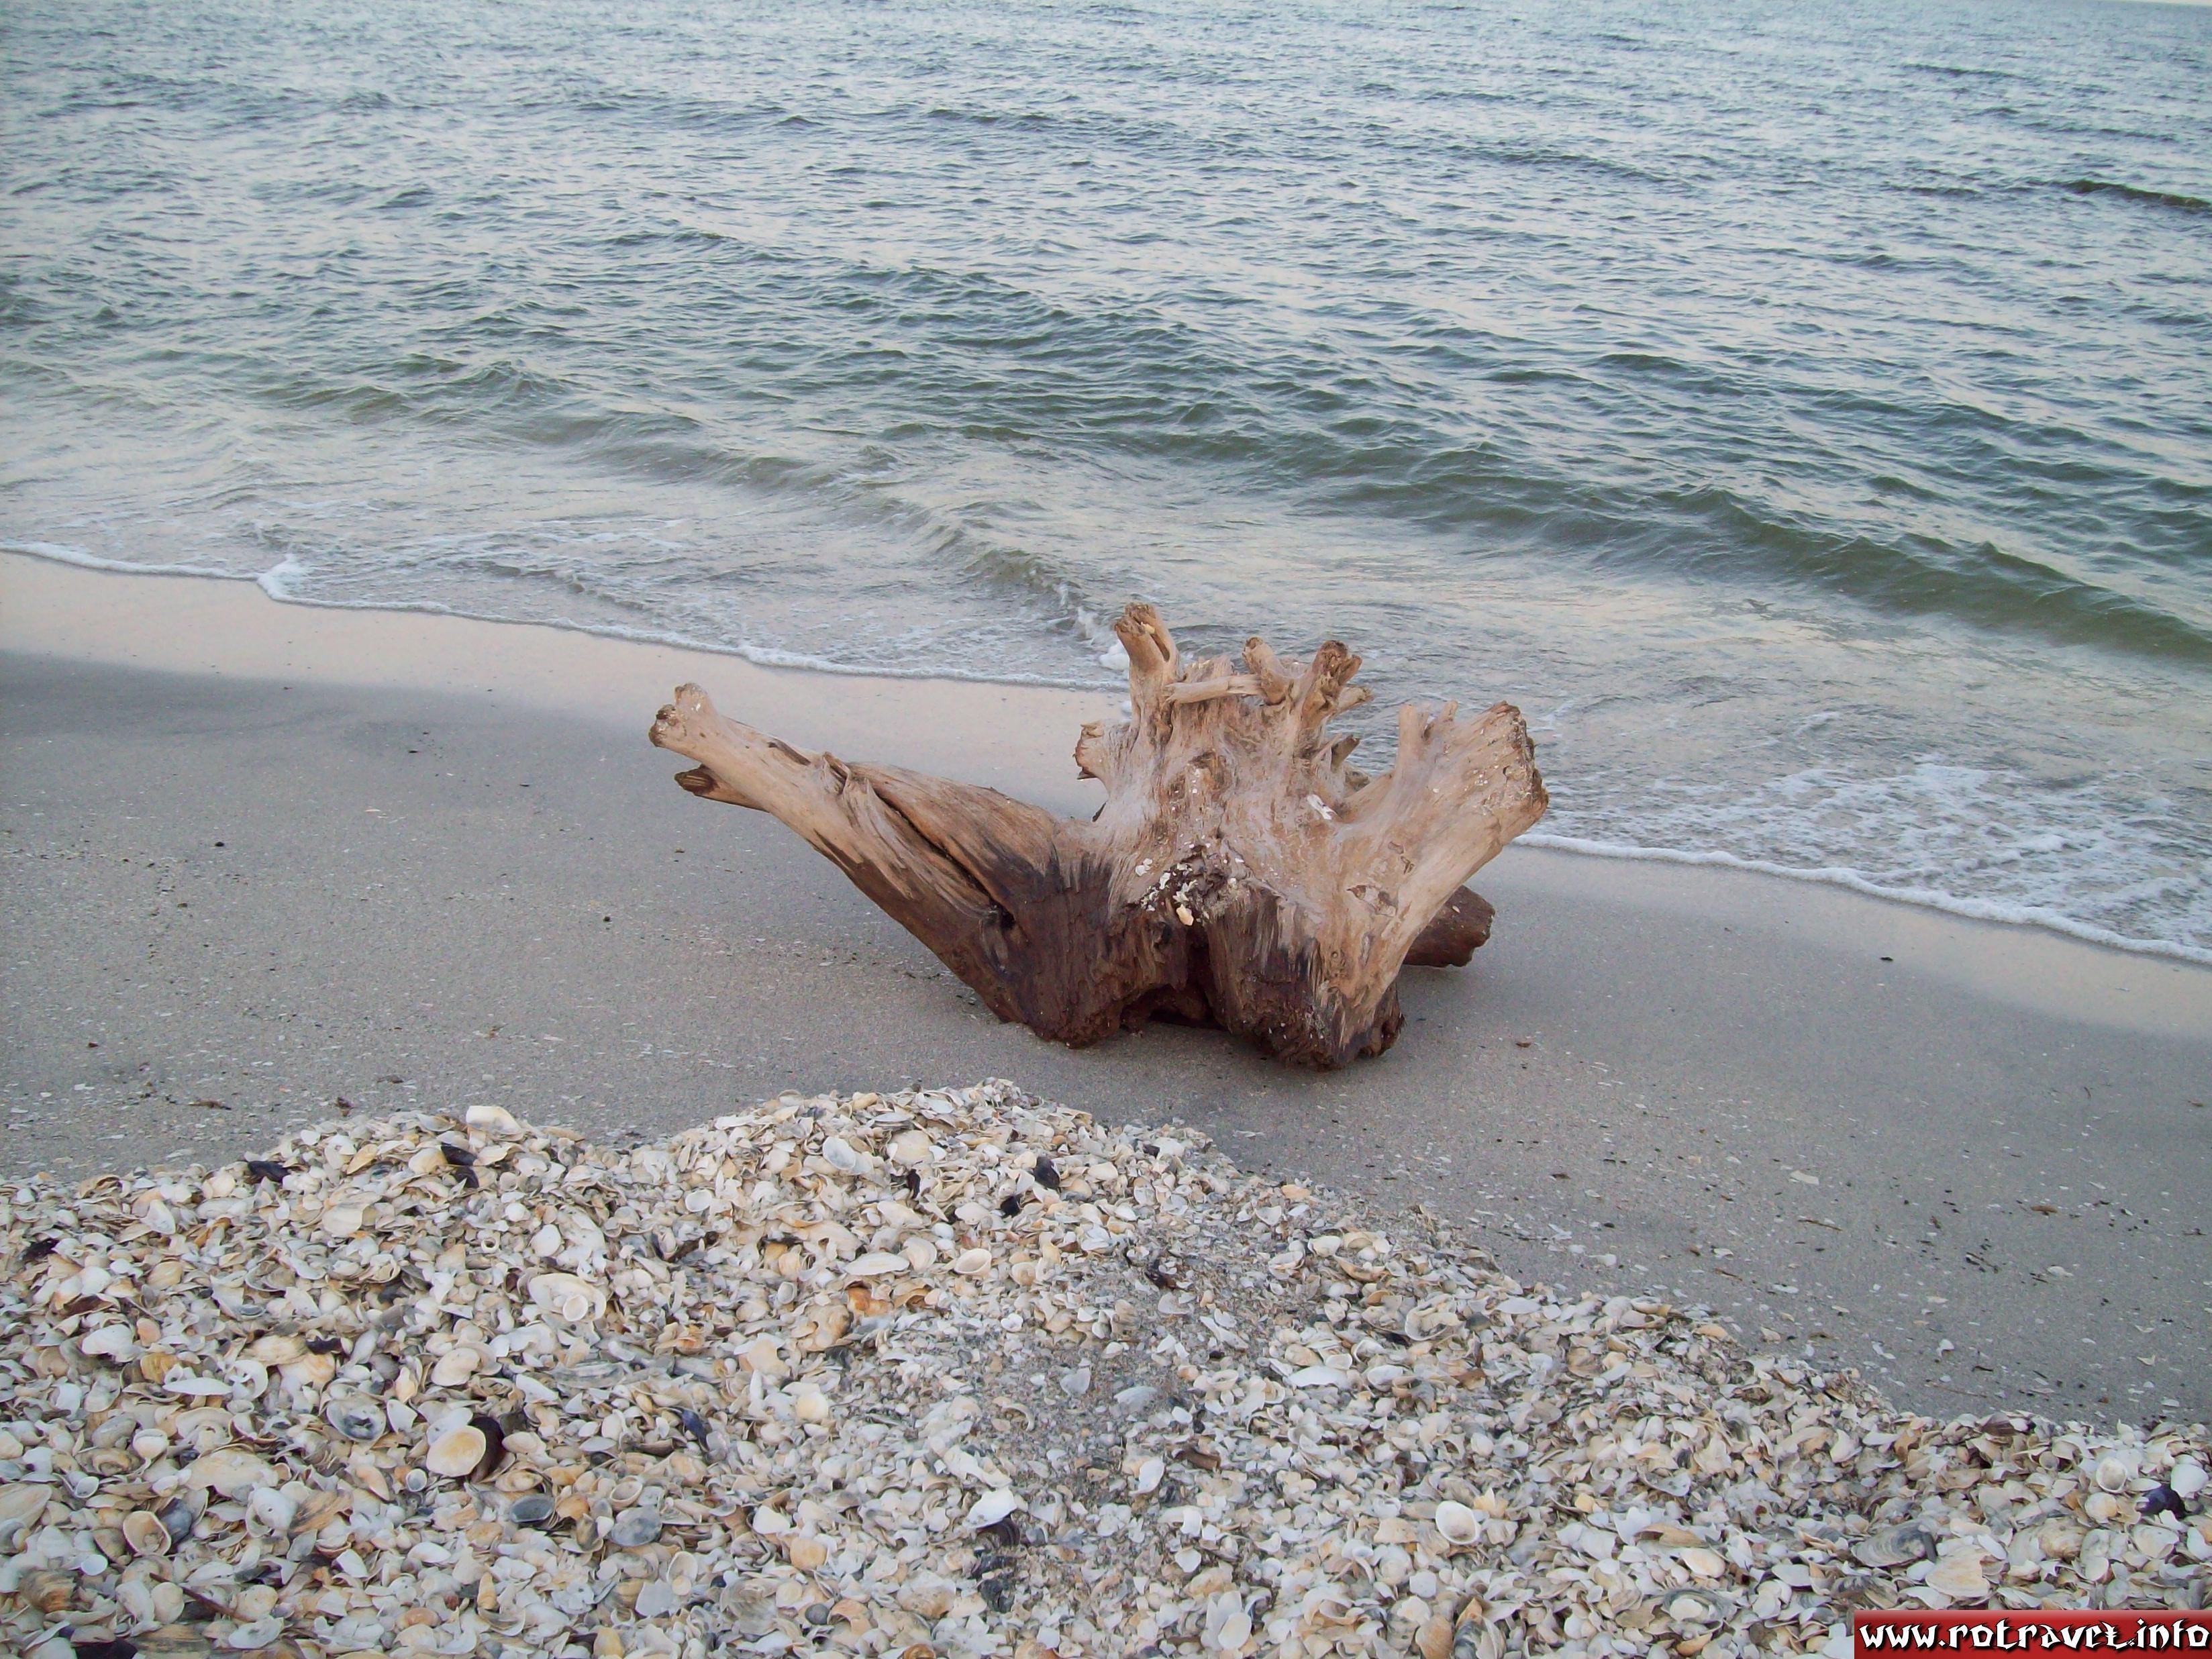 A log astray